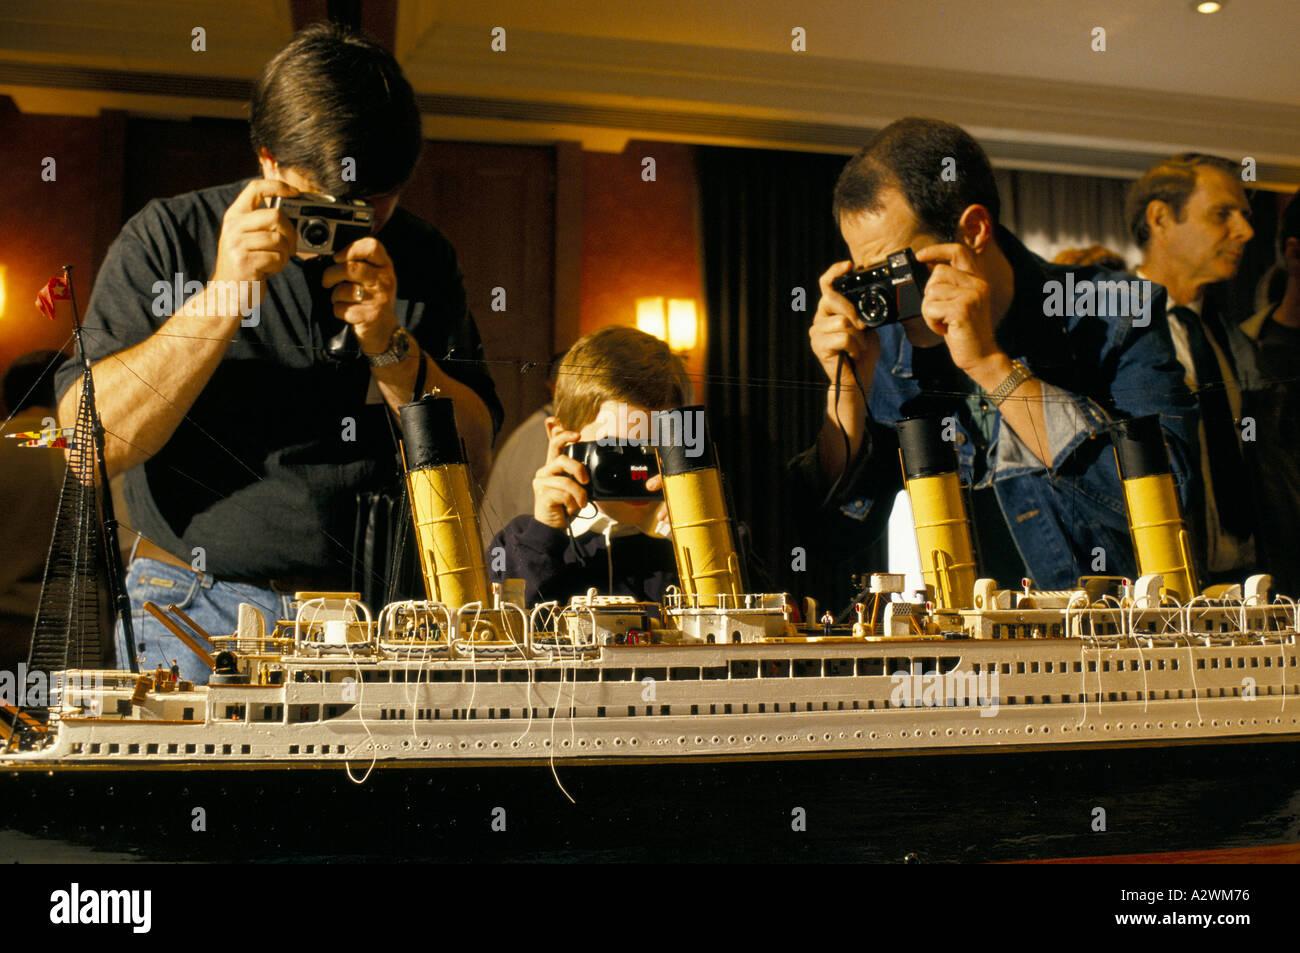 Enthusiasten, jung und alt, eine komplizierteste Modell der Titanic auf Ausstellung in einer Titanic-Überlebende Stockbild